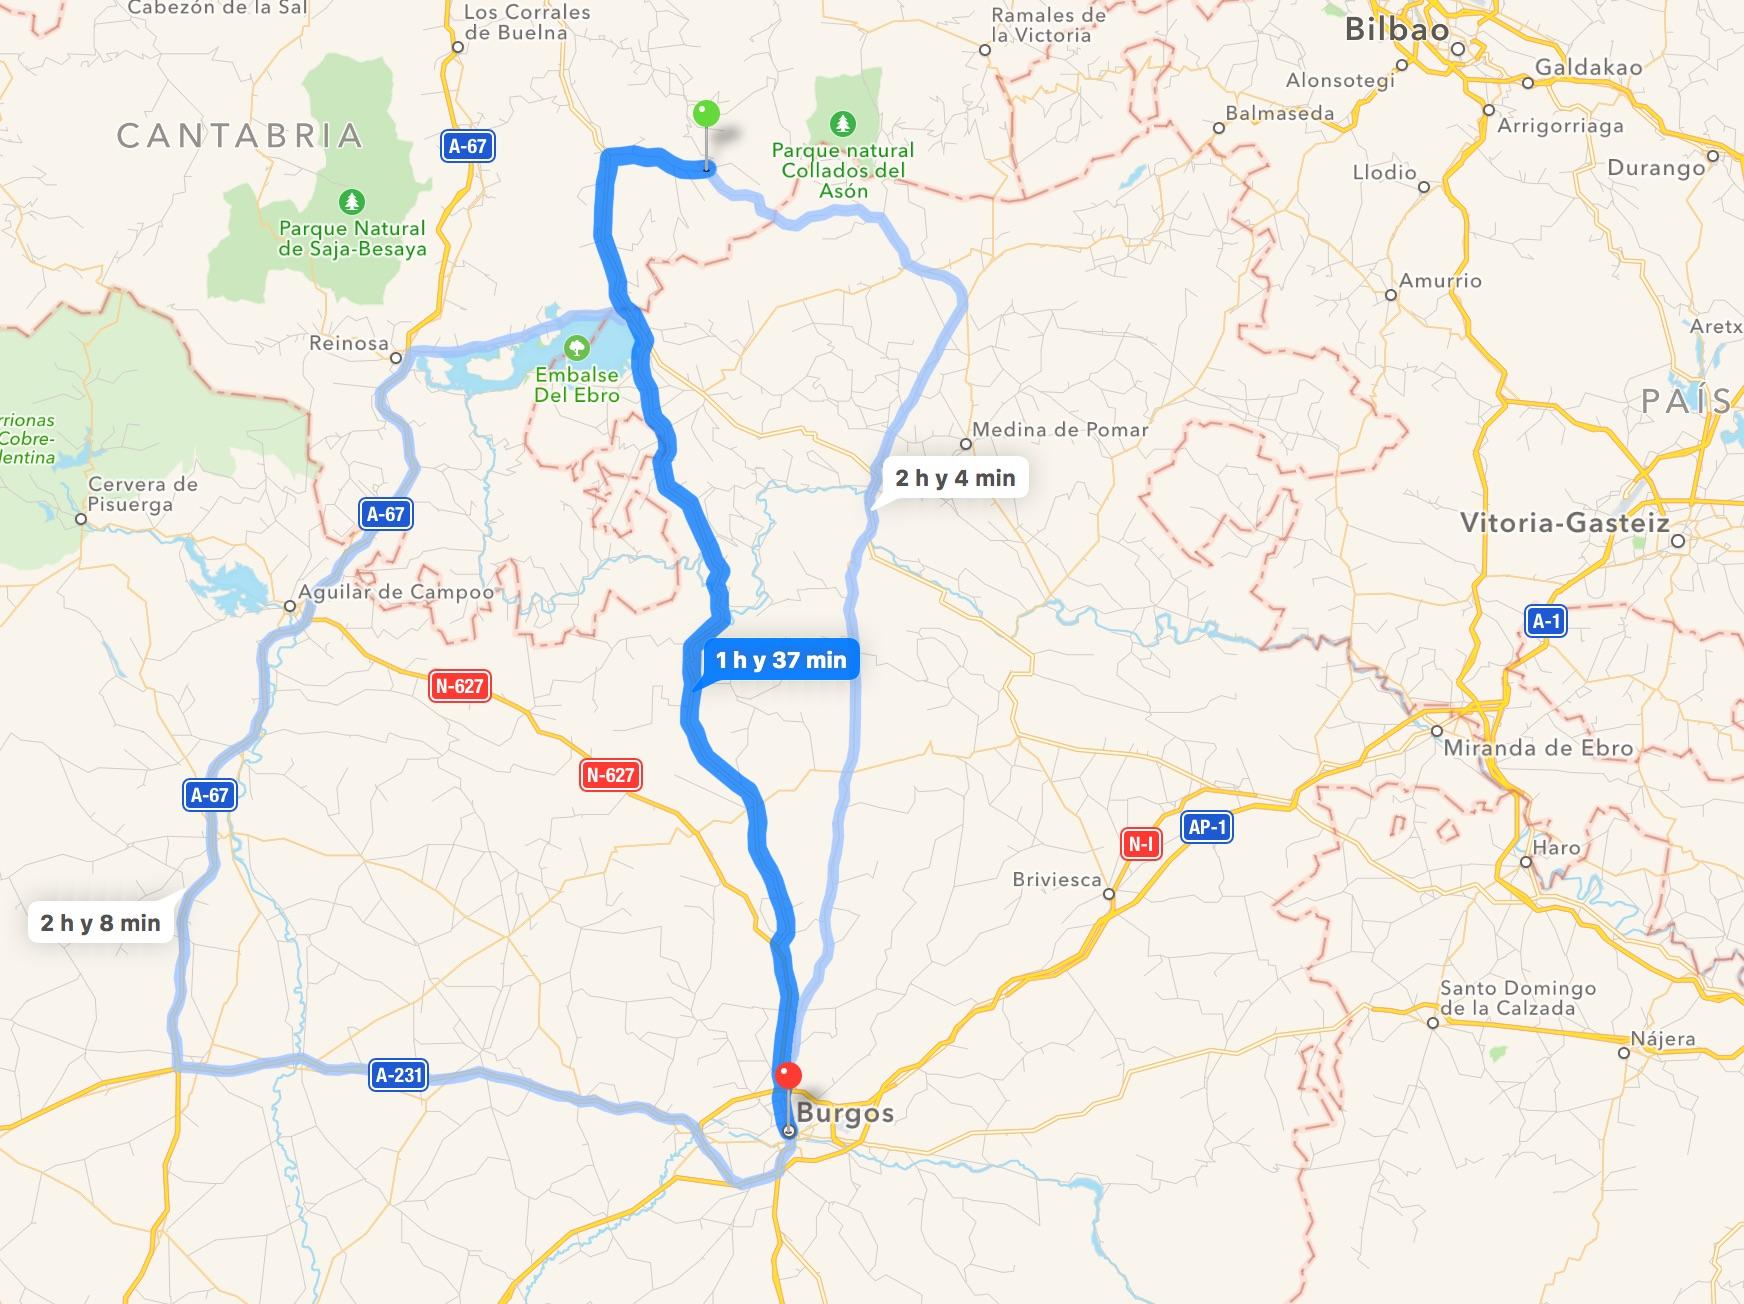 Burgos-vega de pas